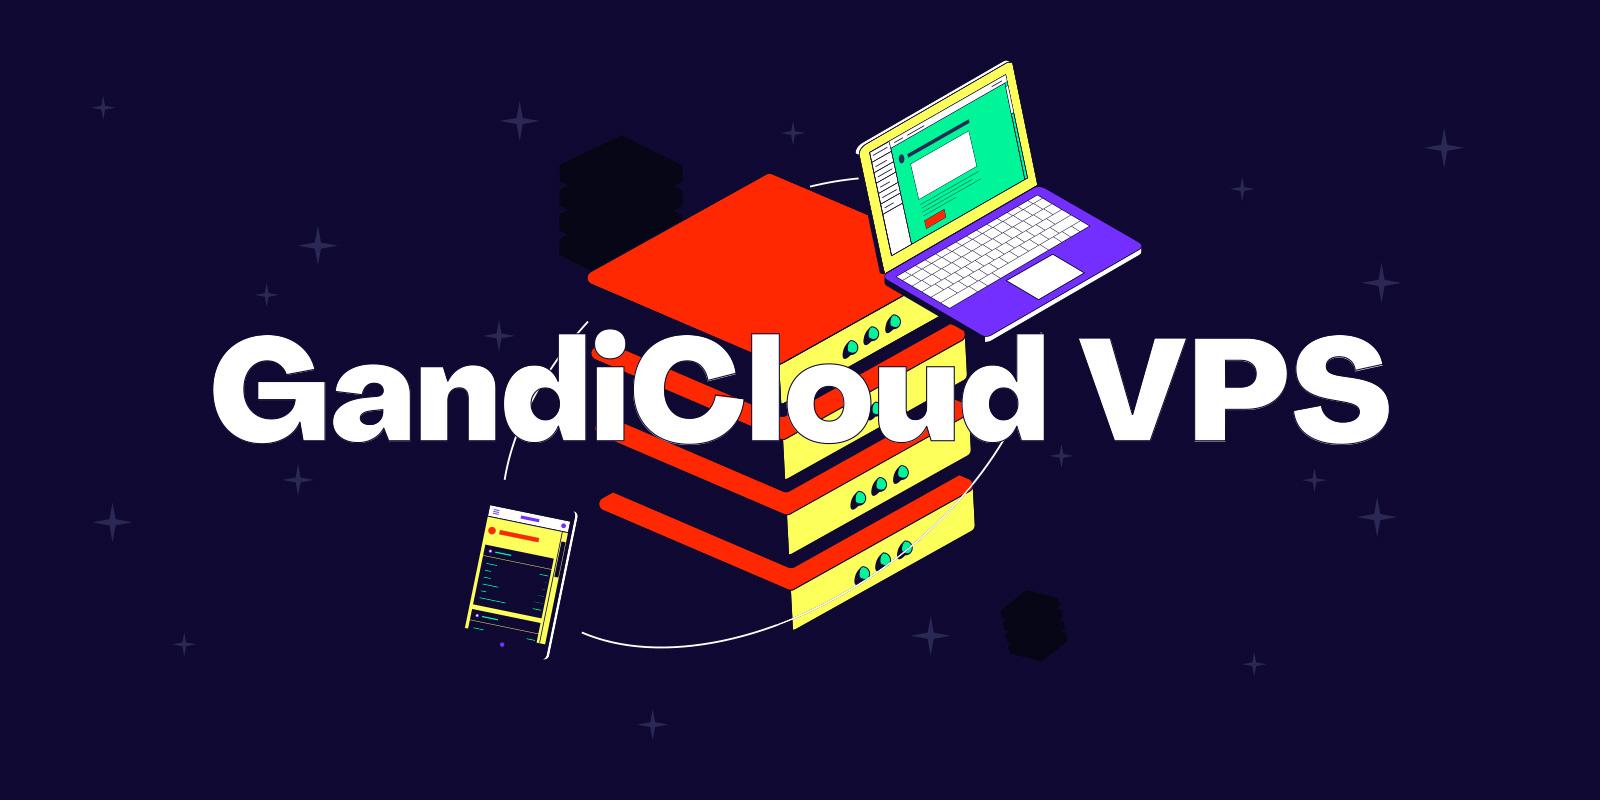 在 Gandi 云平台中新增 SSH 金钥并建立 VPS 伺服器